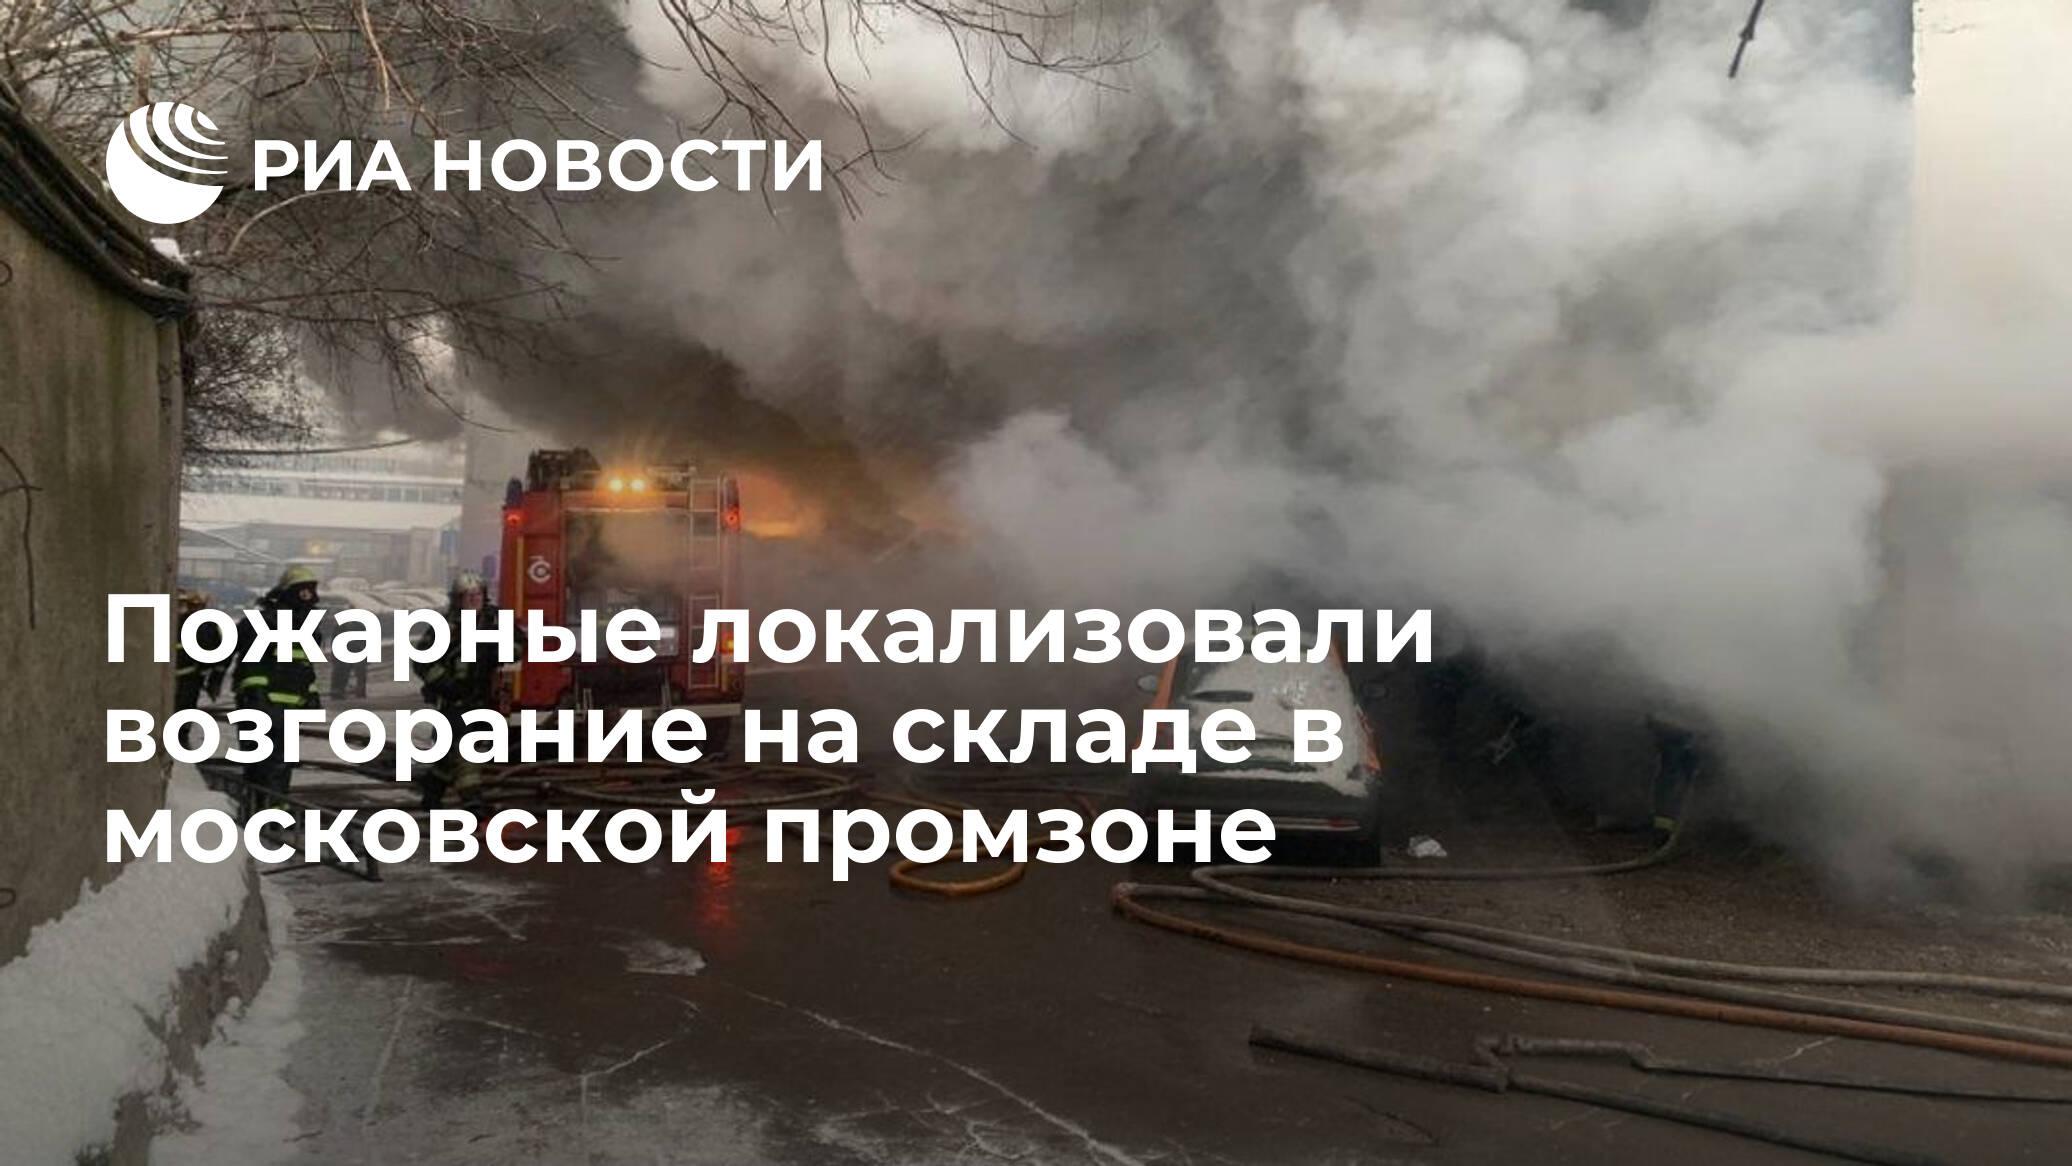 Пожарные локализовали возгорание на складе в московской промзоне